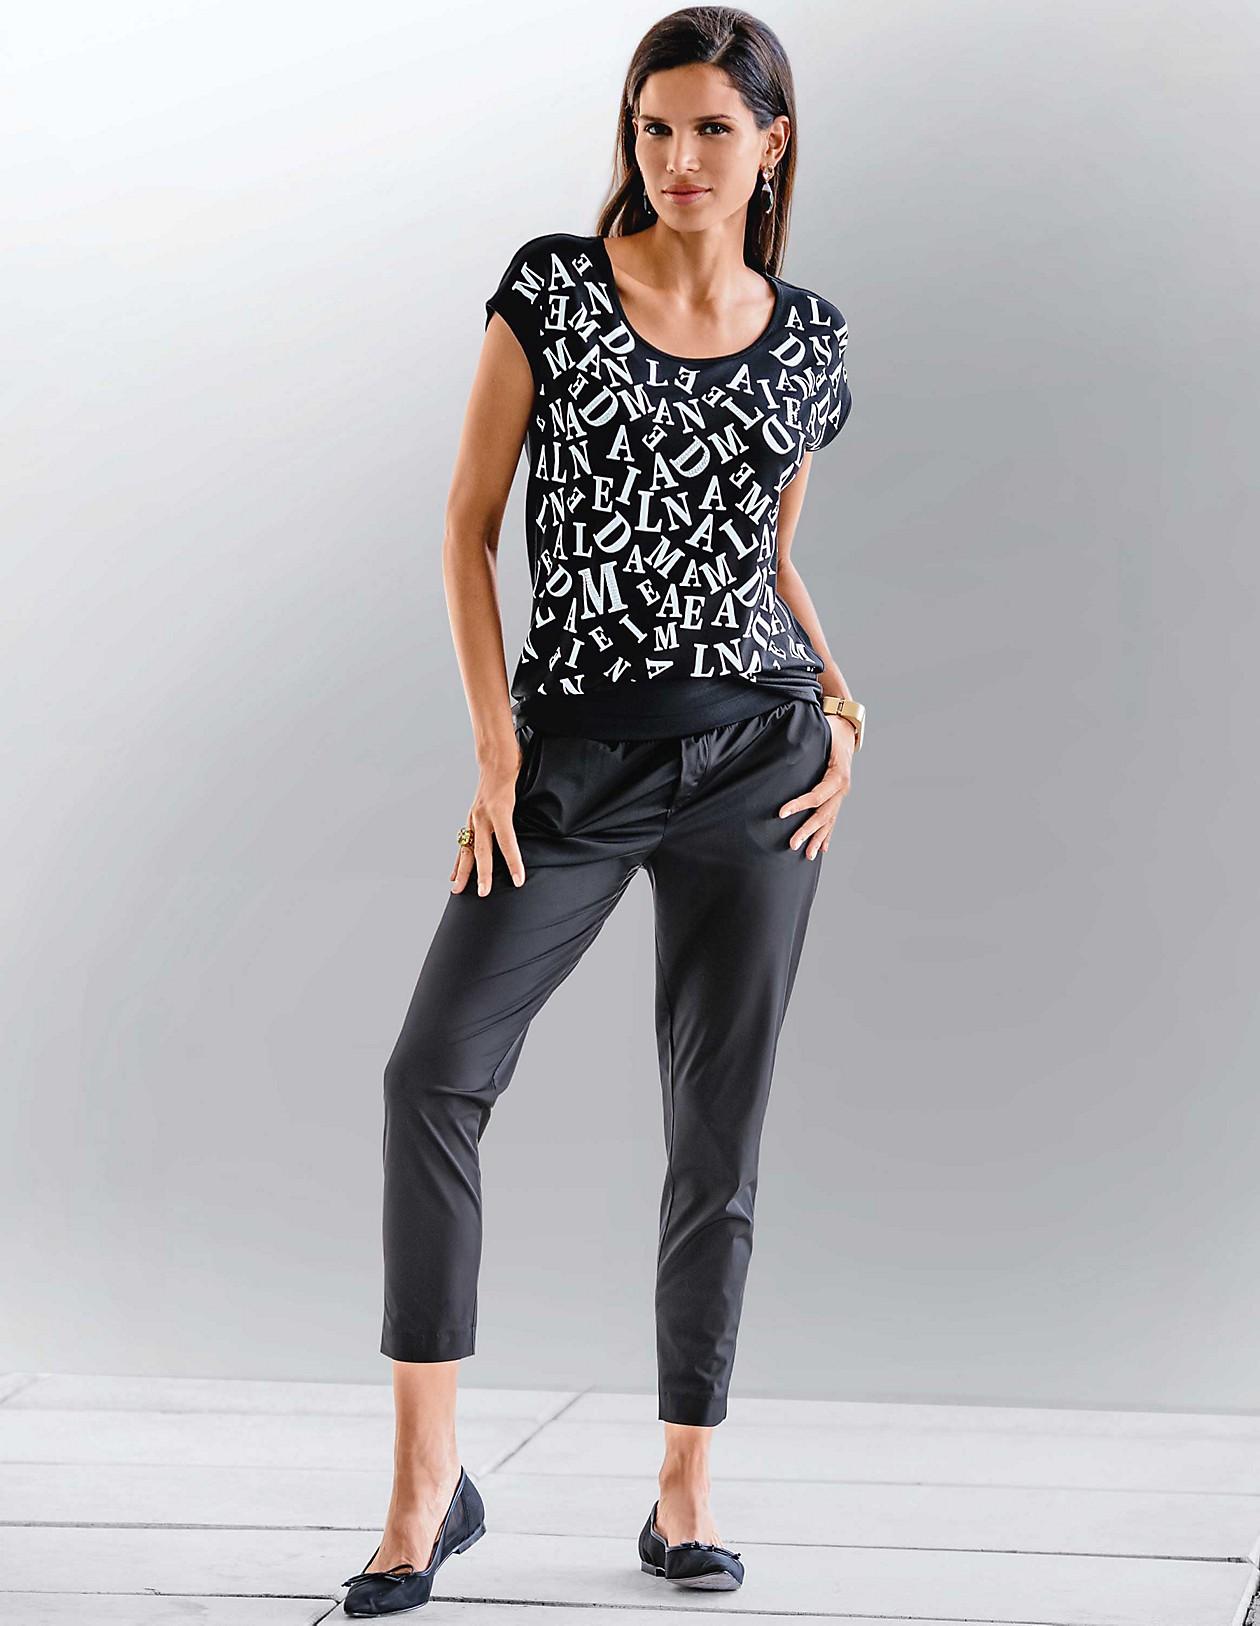 the best attitude 7dd4f 687c0 Ärmelloses Shirt mit Print und Strass-Dekoration, schwarz ...